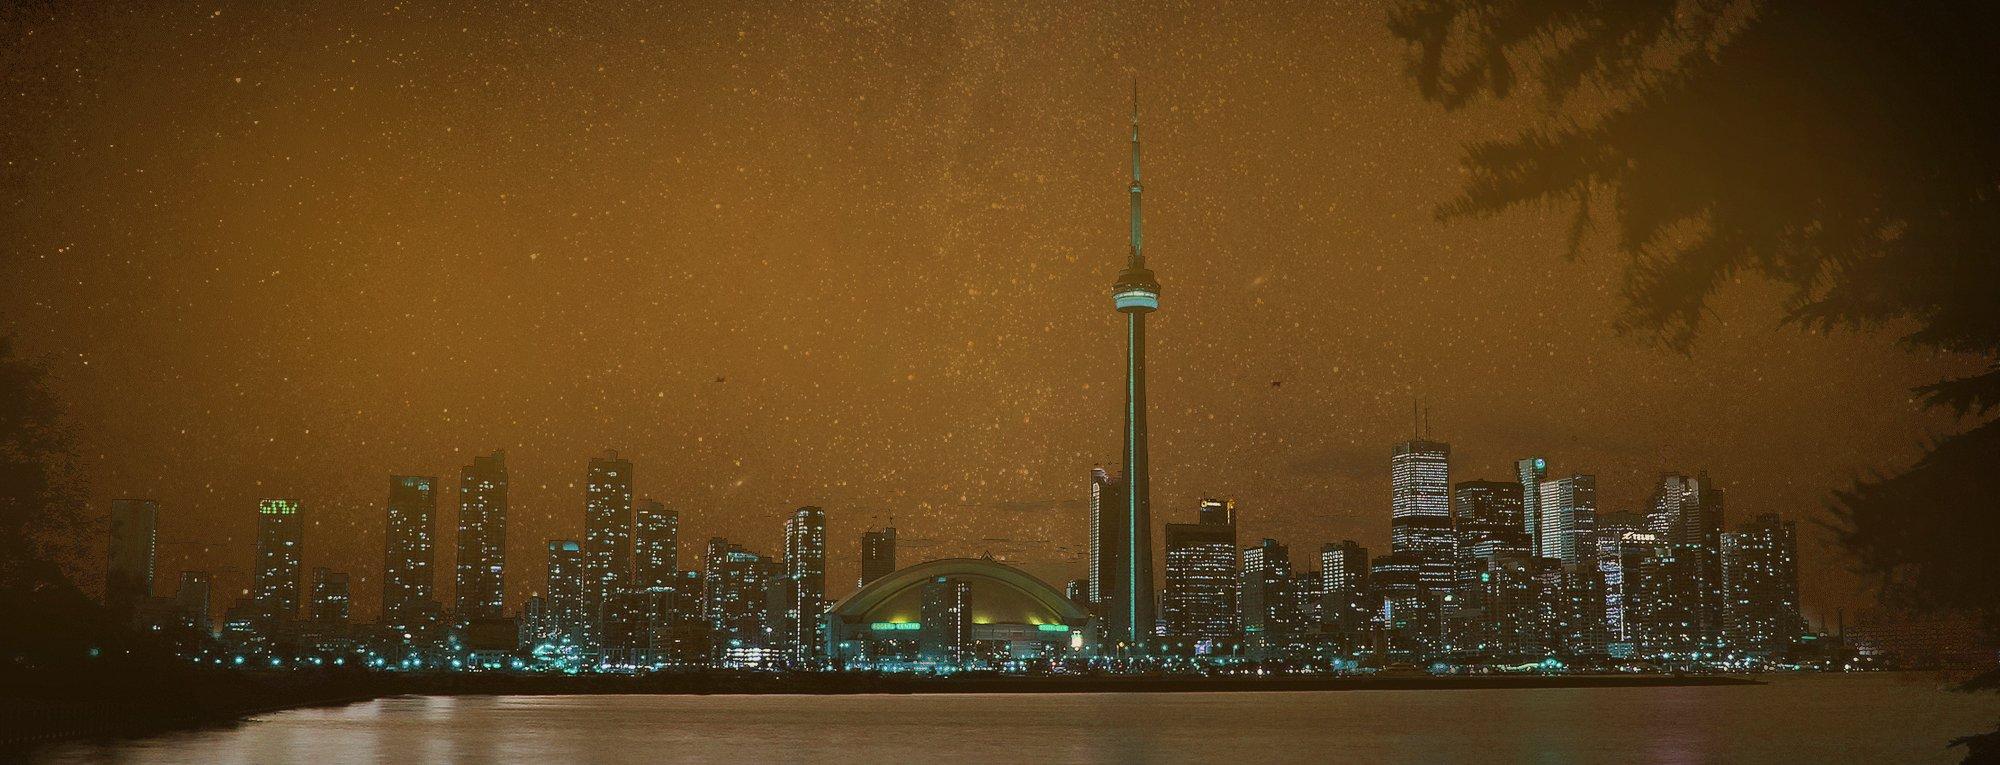 Toronto Safecracker